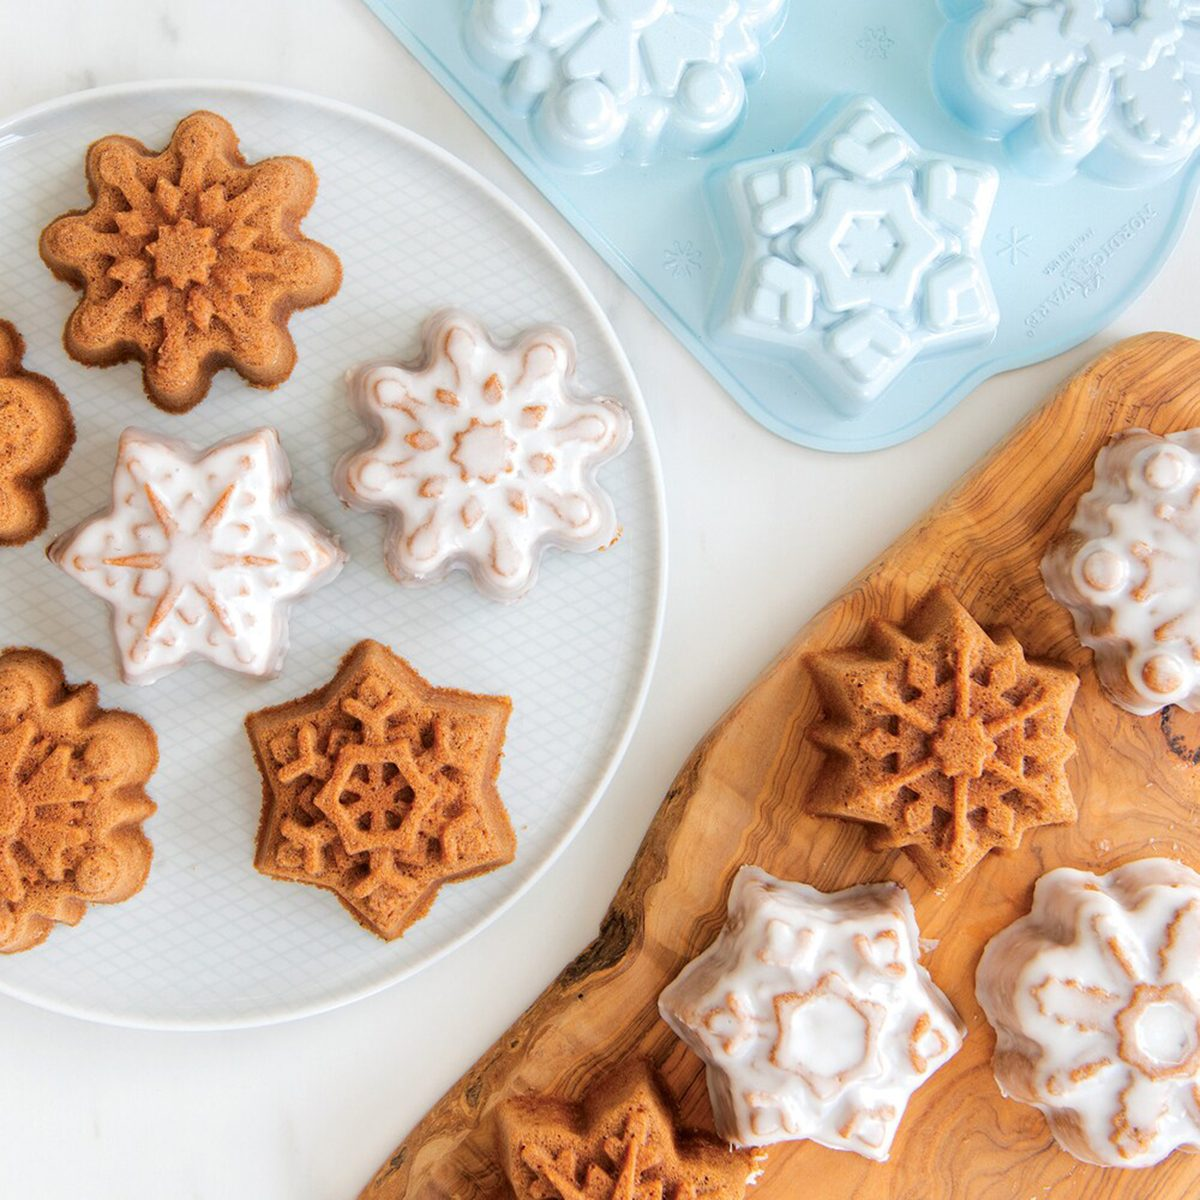 Disney's Frozen 2 Cast Snowflake Cakelet Pan by Nordic Ware